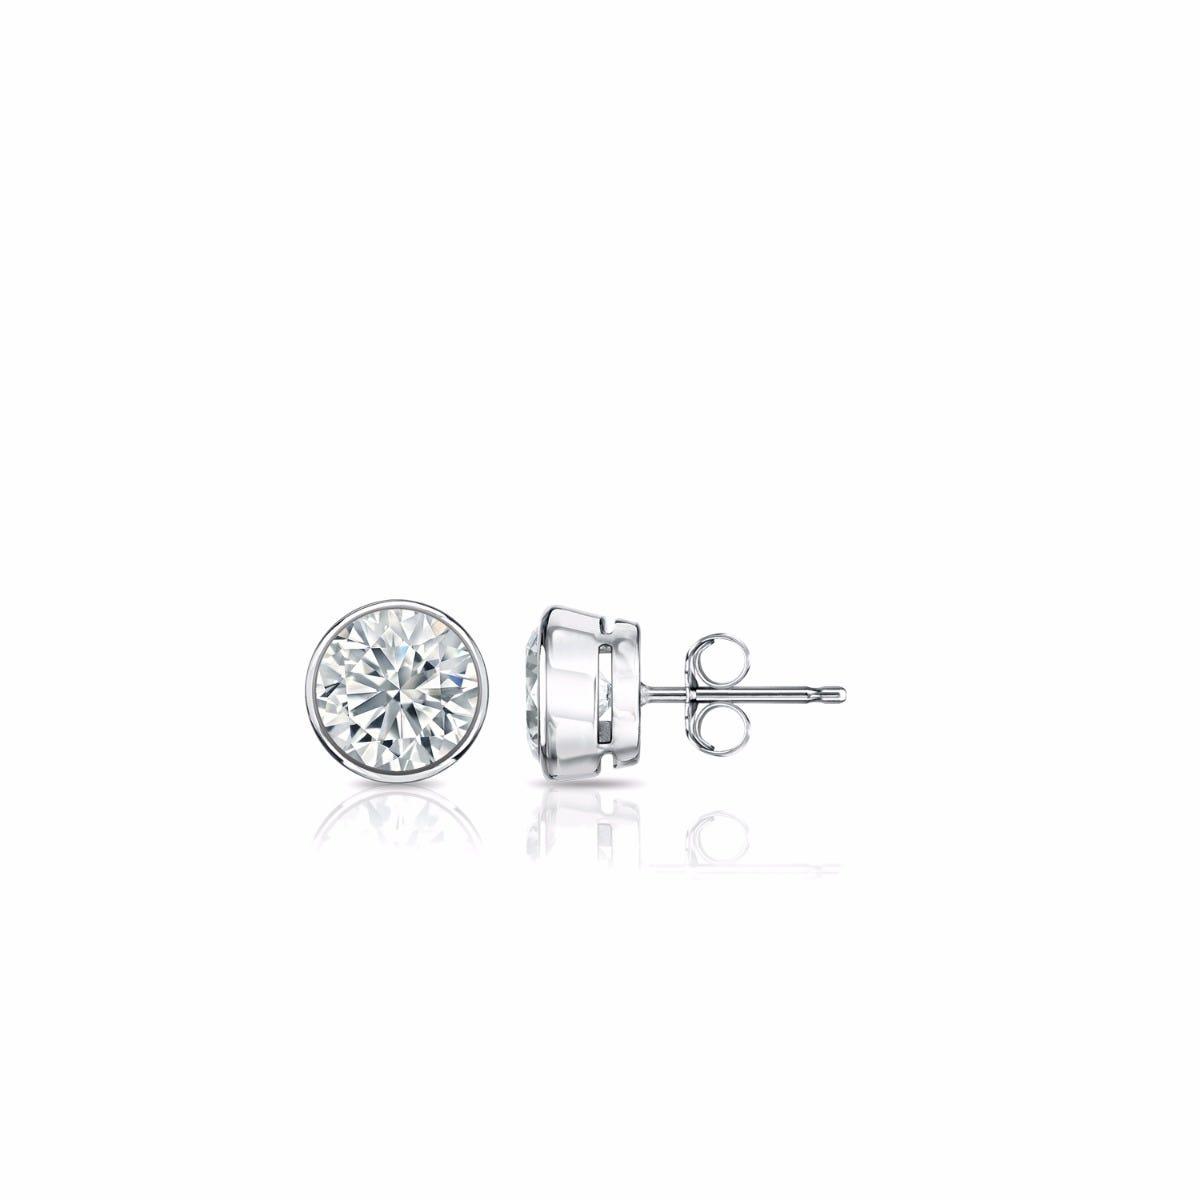 Bezel-Set Round 1/6ctw. Diamond Solitaire Stud Earrings (IJ, I1) in 14K White Gold